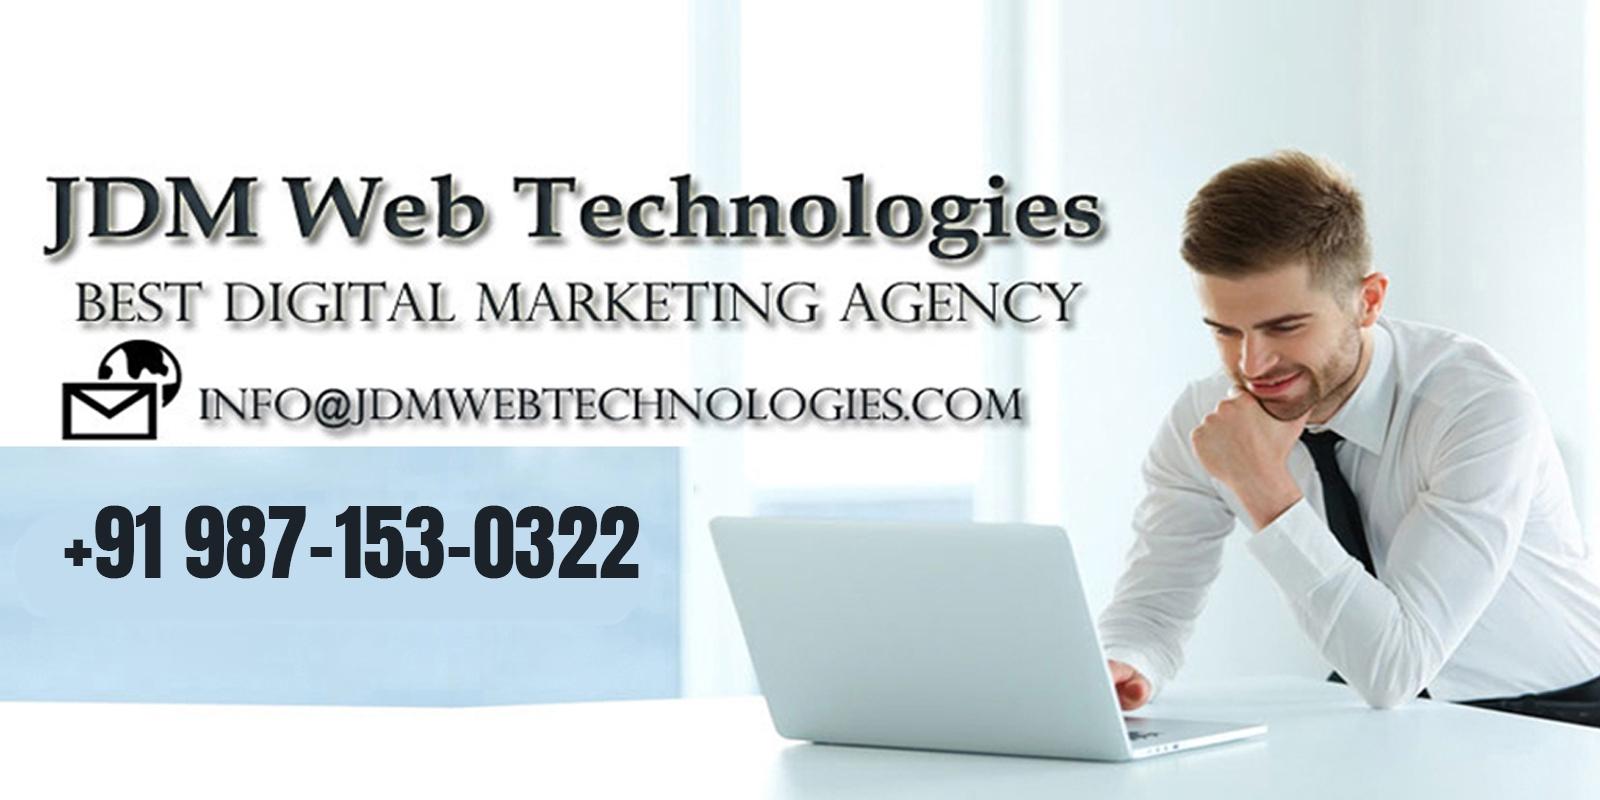 JDM Web Technologies (@jdmwebtechnologies) Cover Image